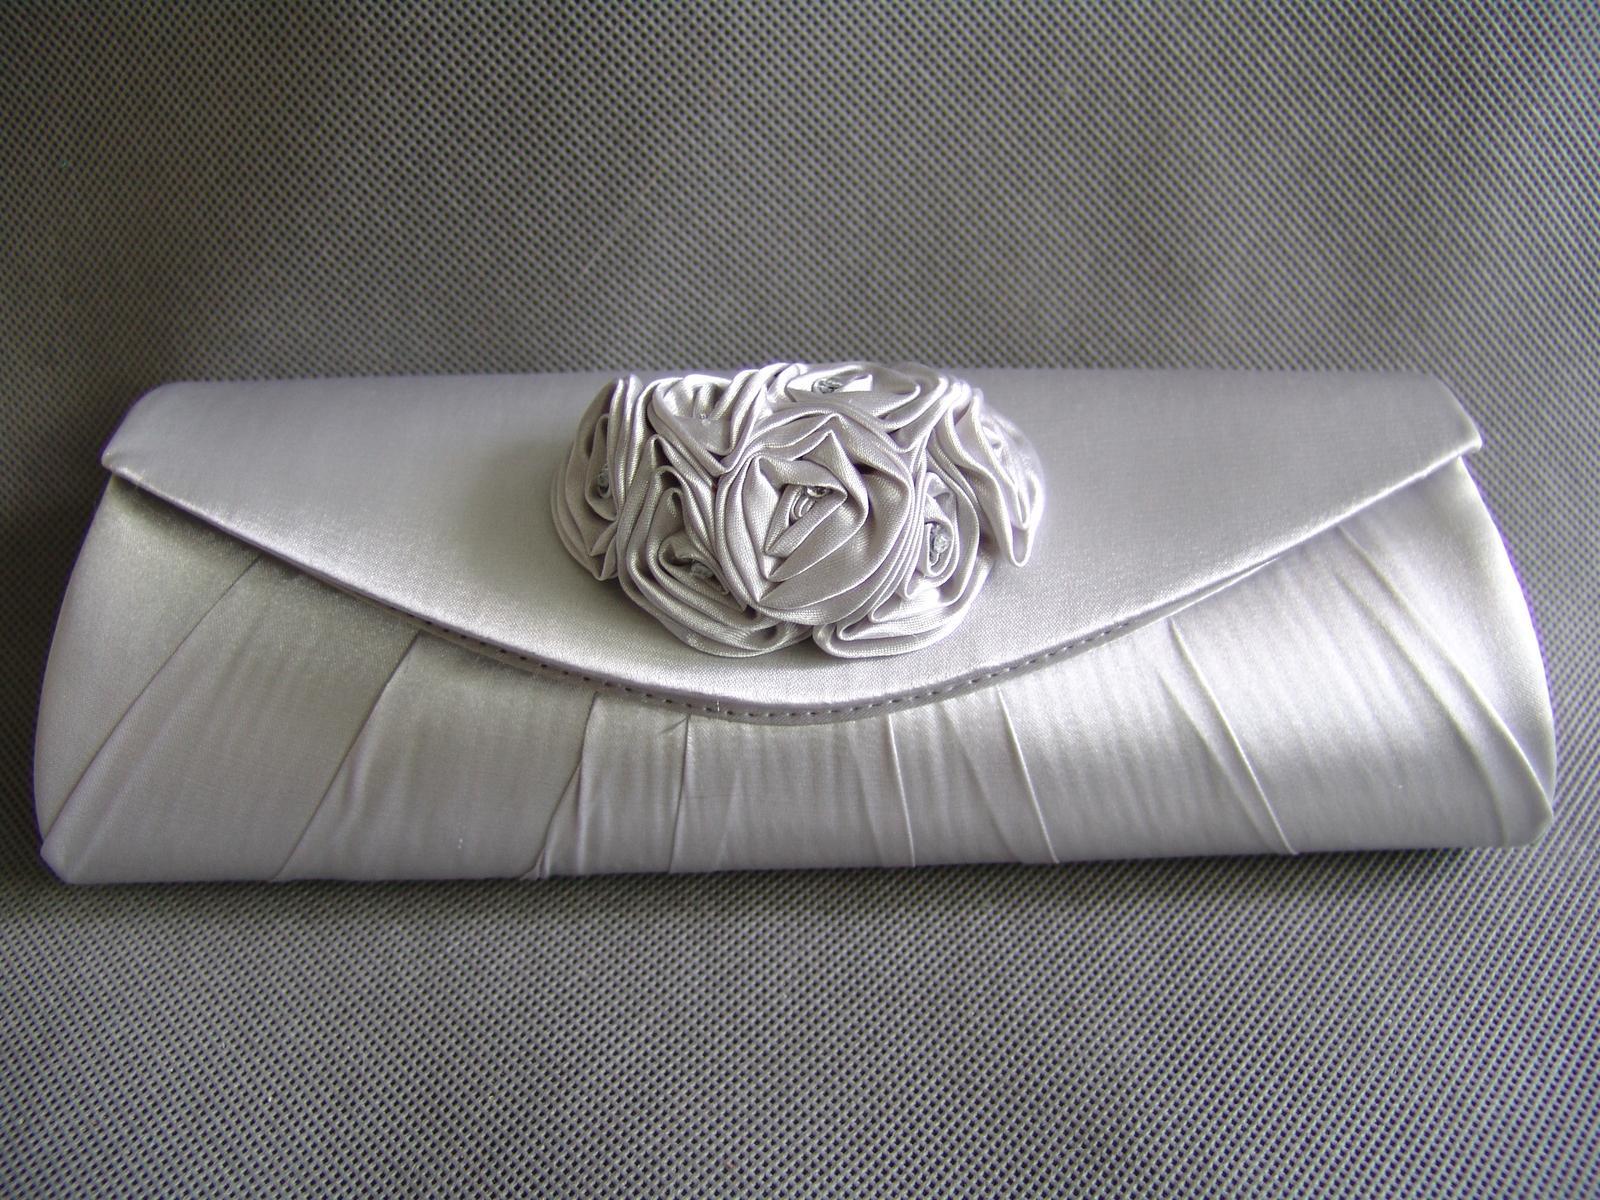 Stříbrná saténová kabelka - Obrázek č. 1